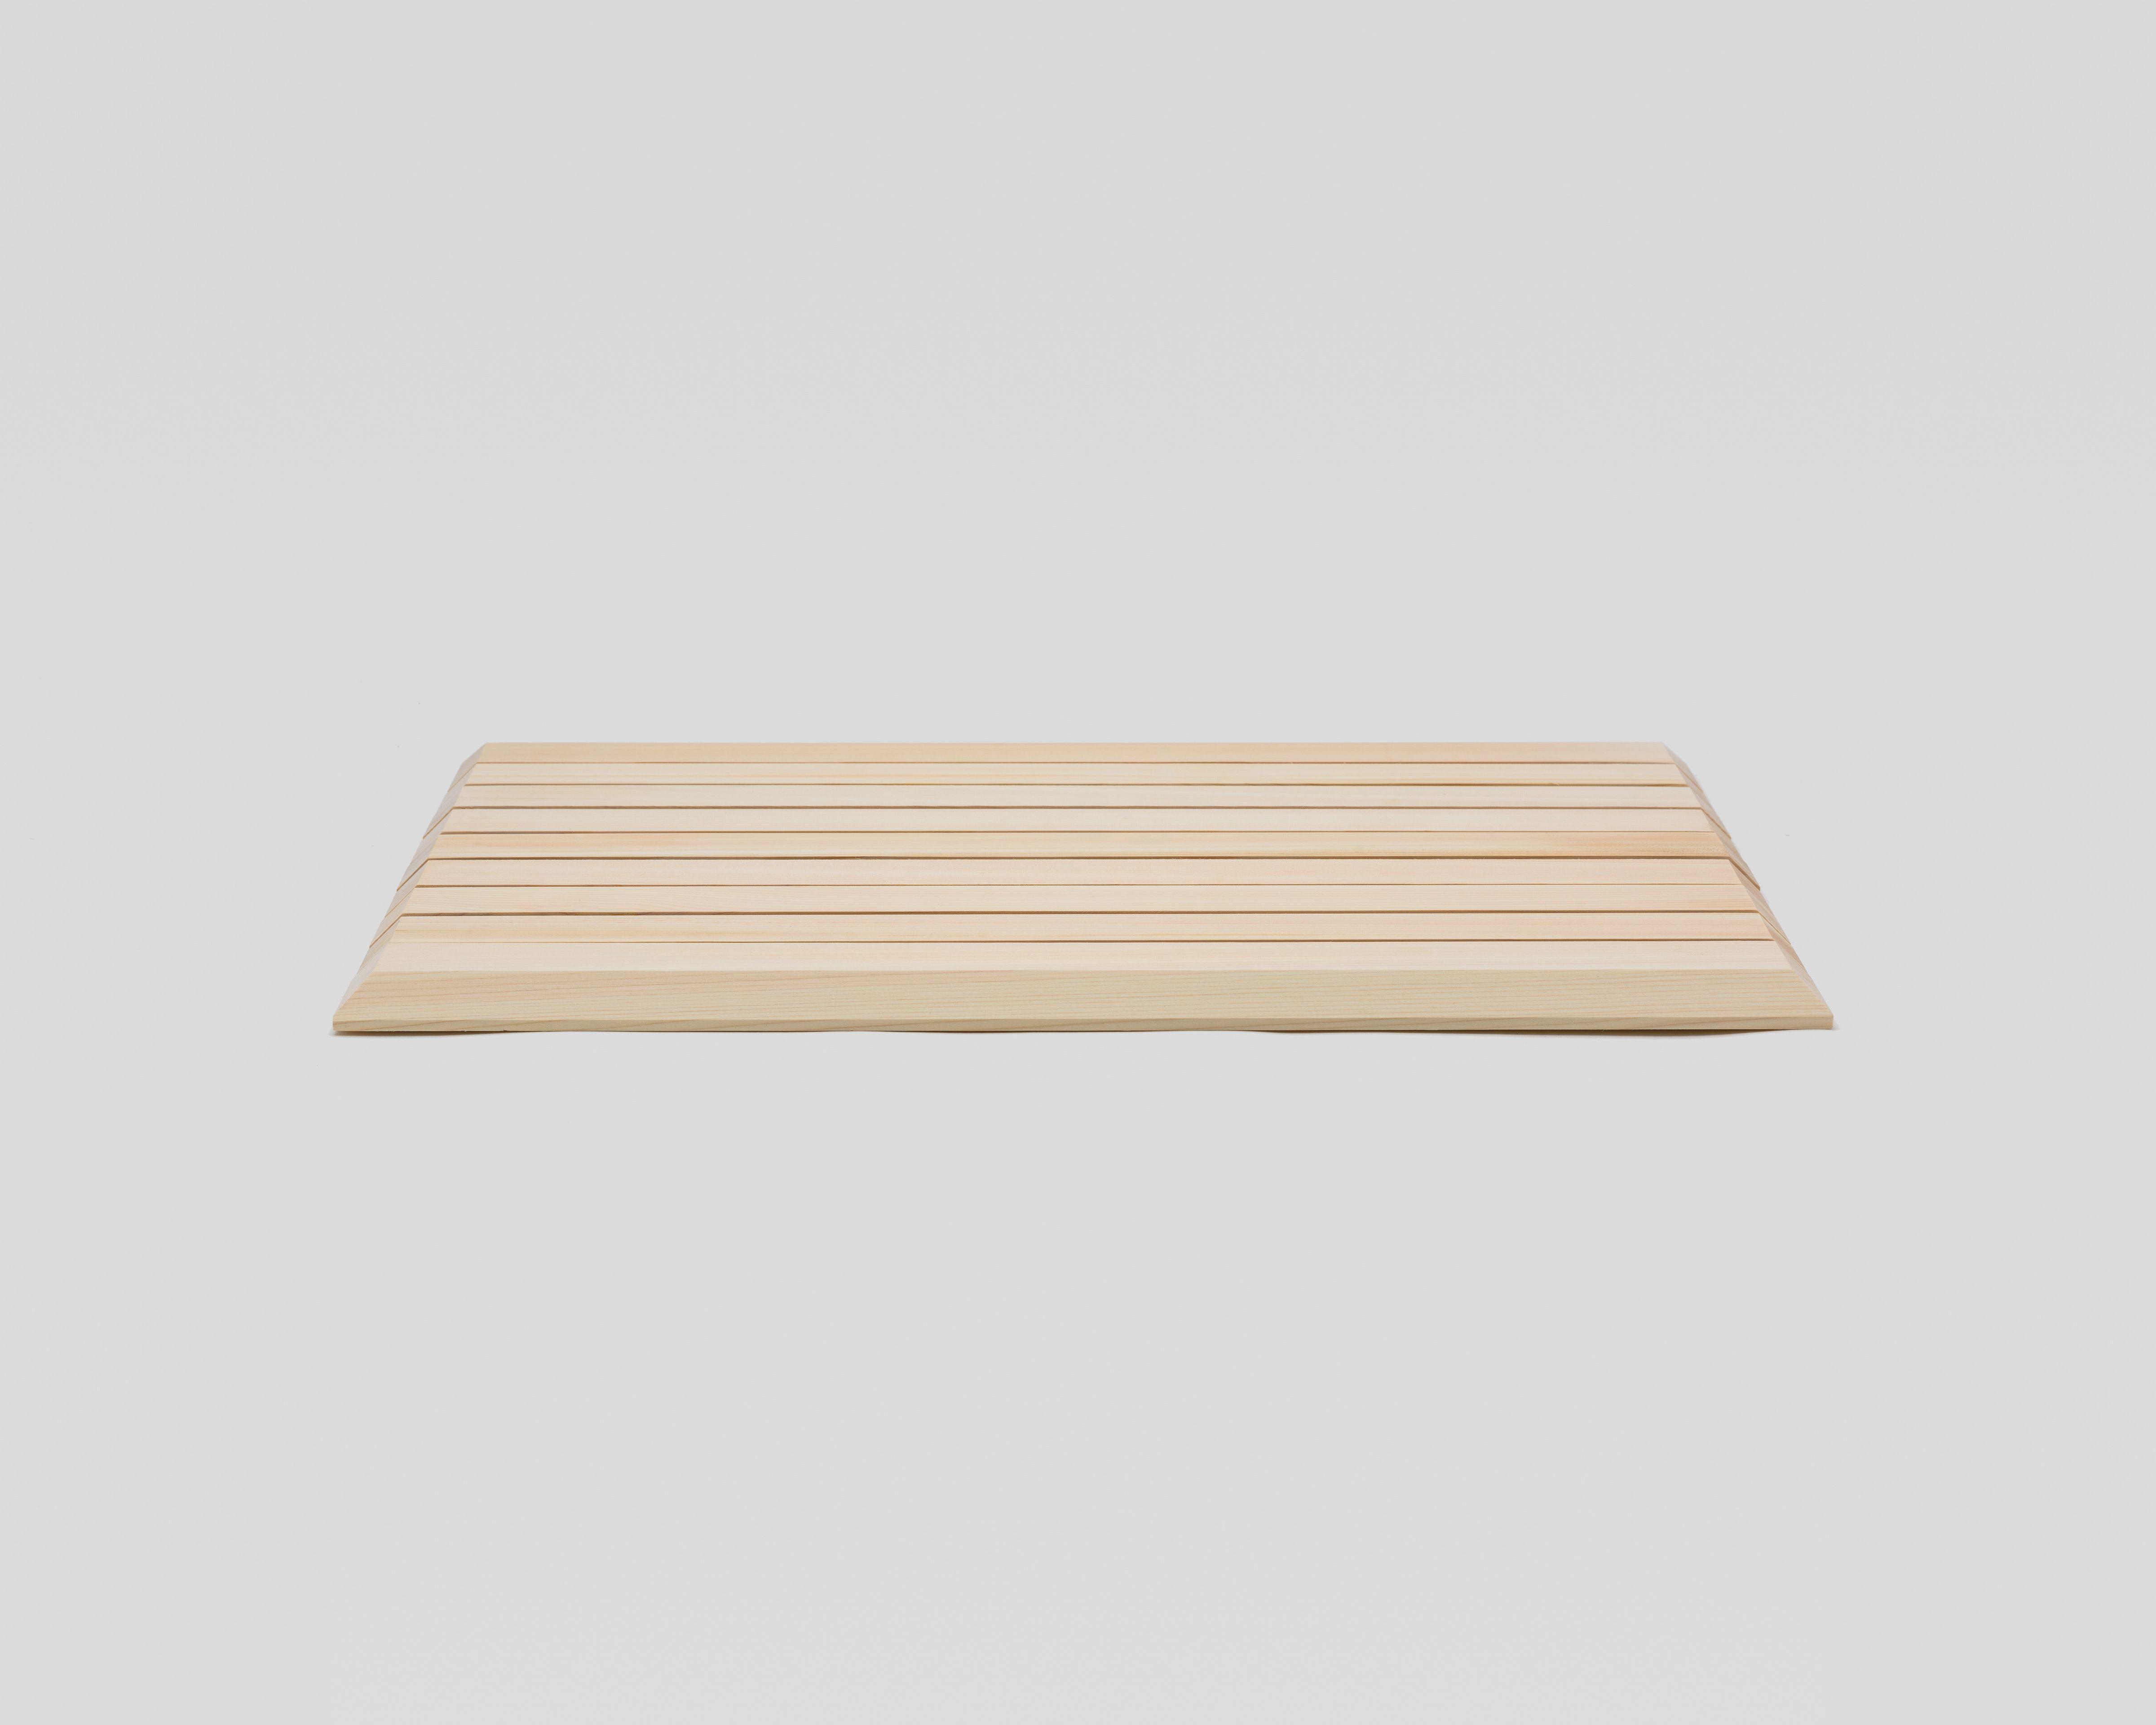 木曽の檜でつくったバスマット03